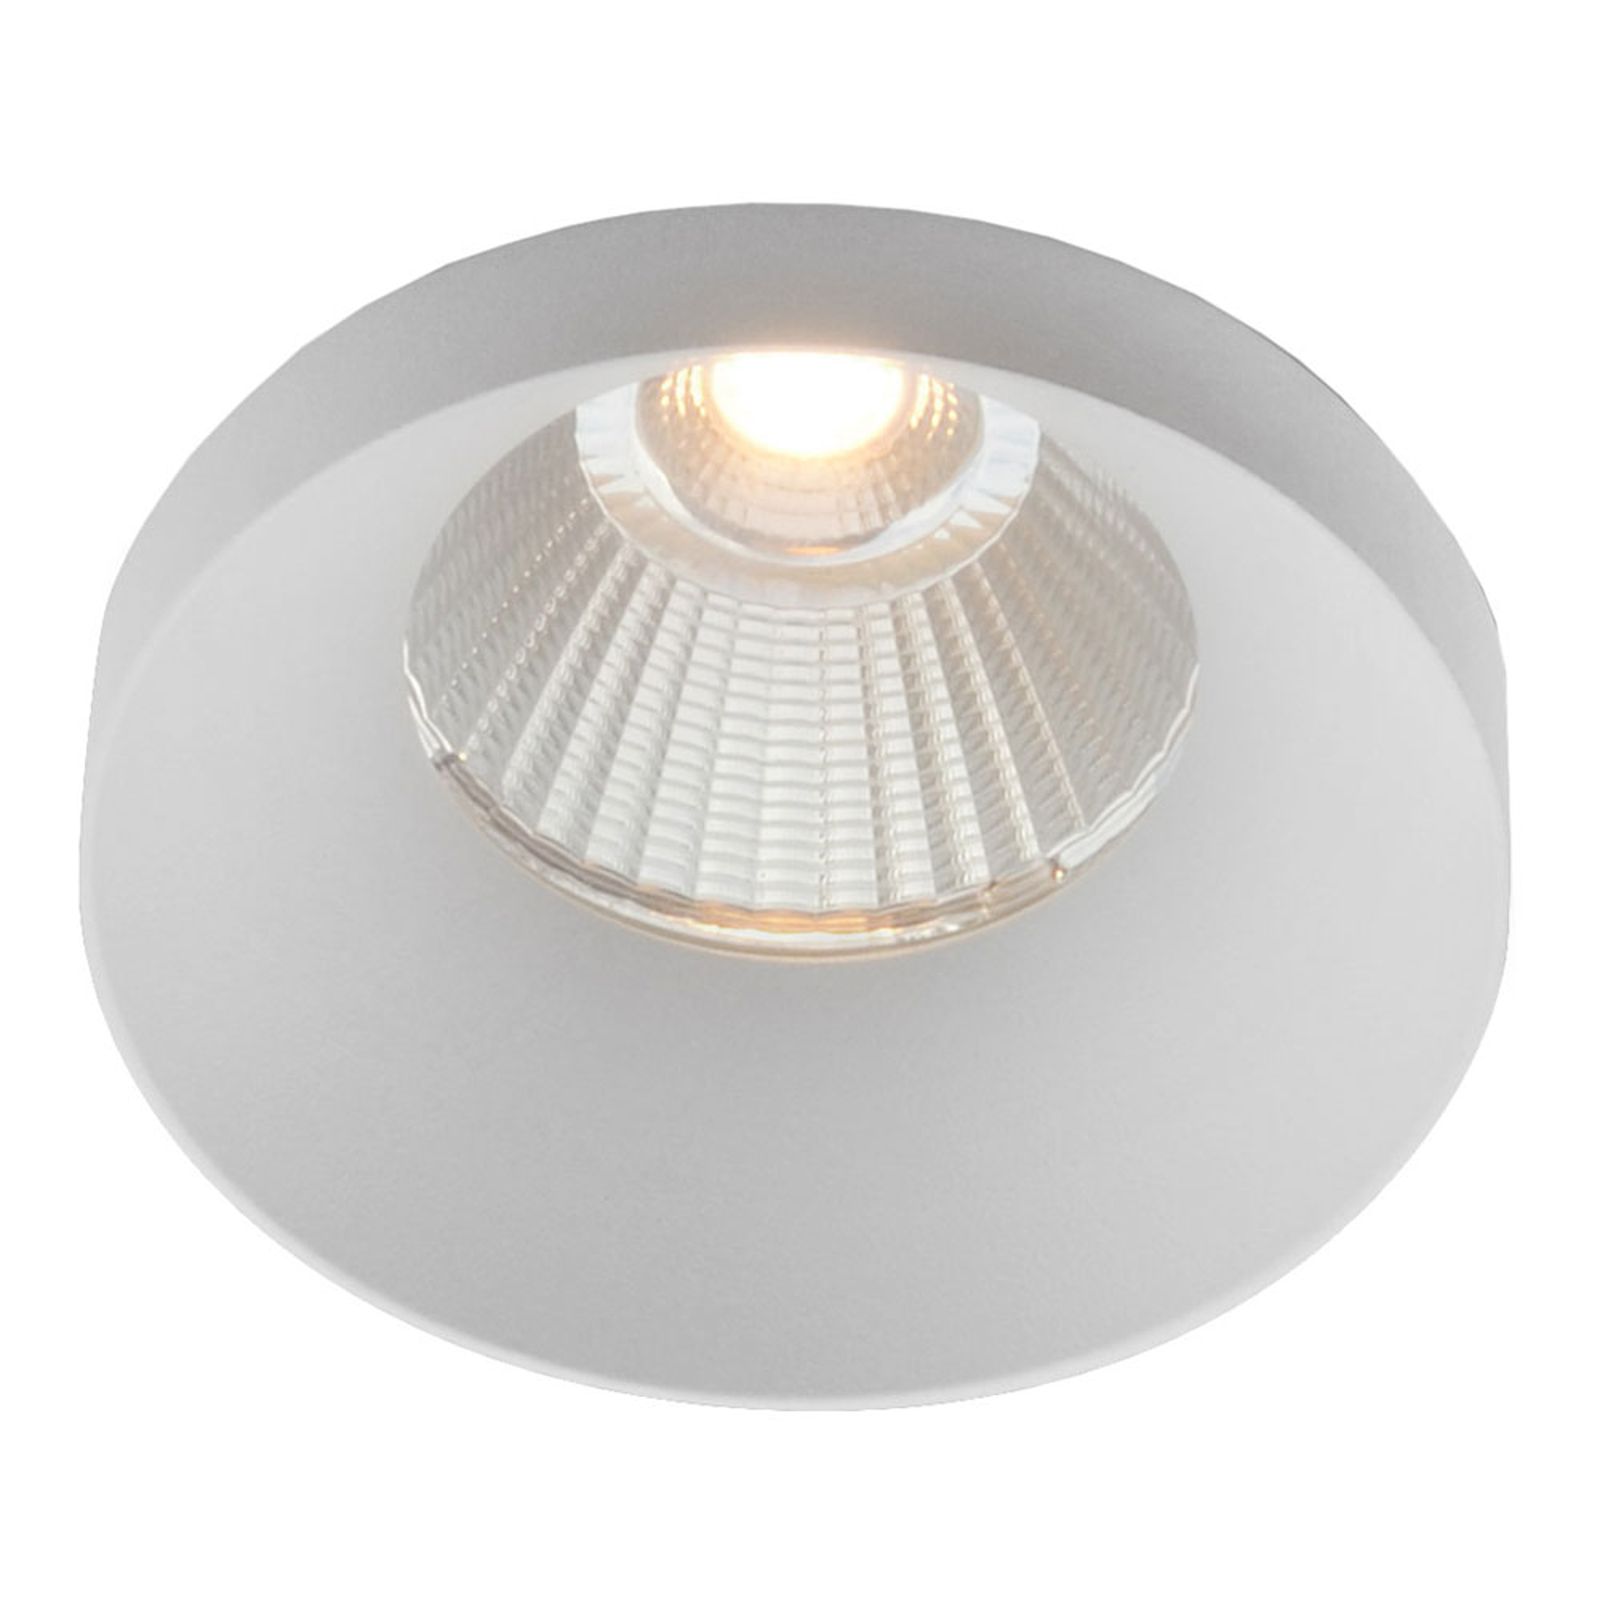 GF design Owi Einbaulampe IP54 weiß 3.000 K